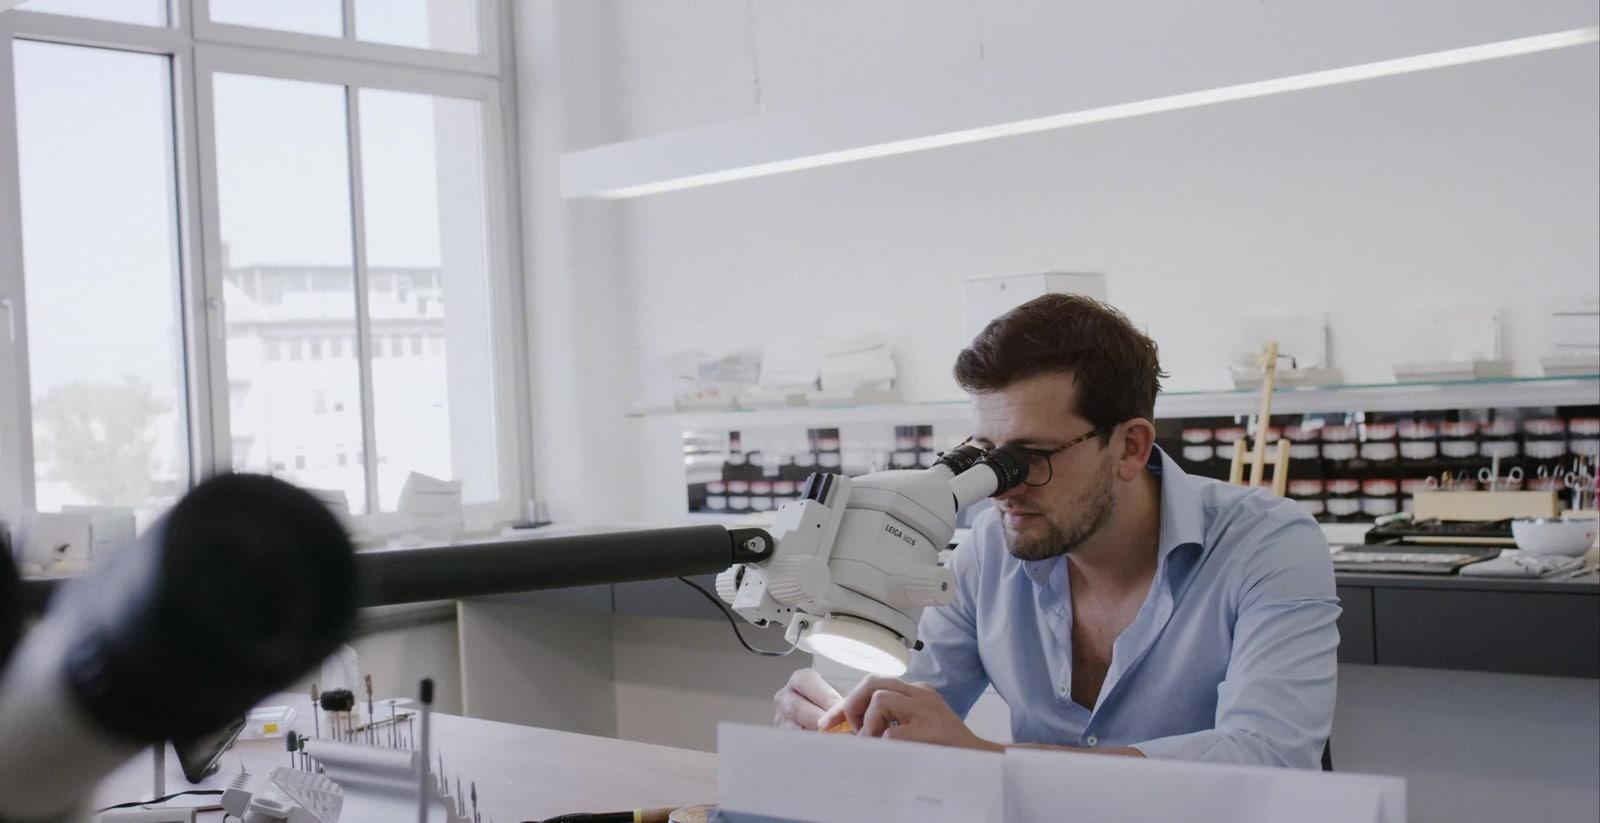 hofling - studio für webdesign in ulm - referenzen - weltmann barbershop